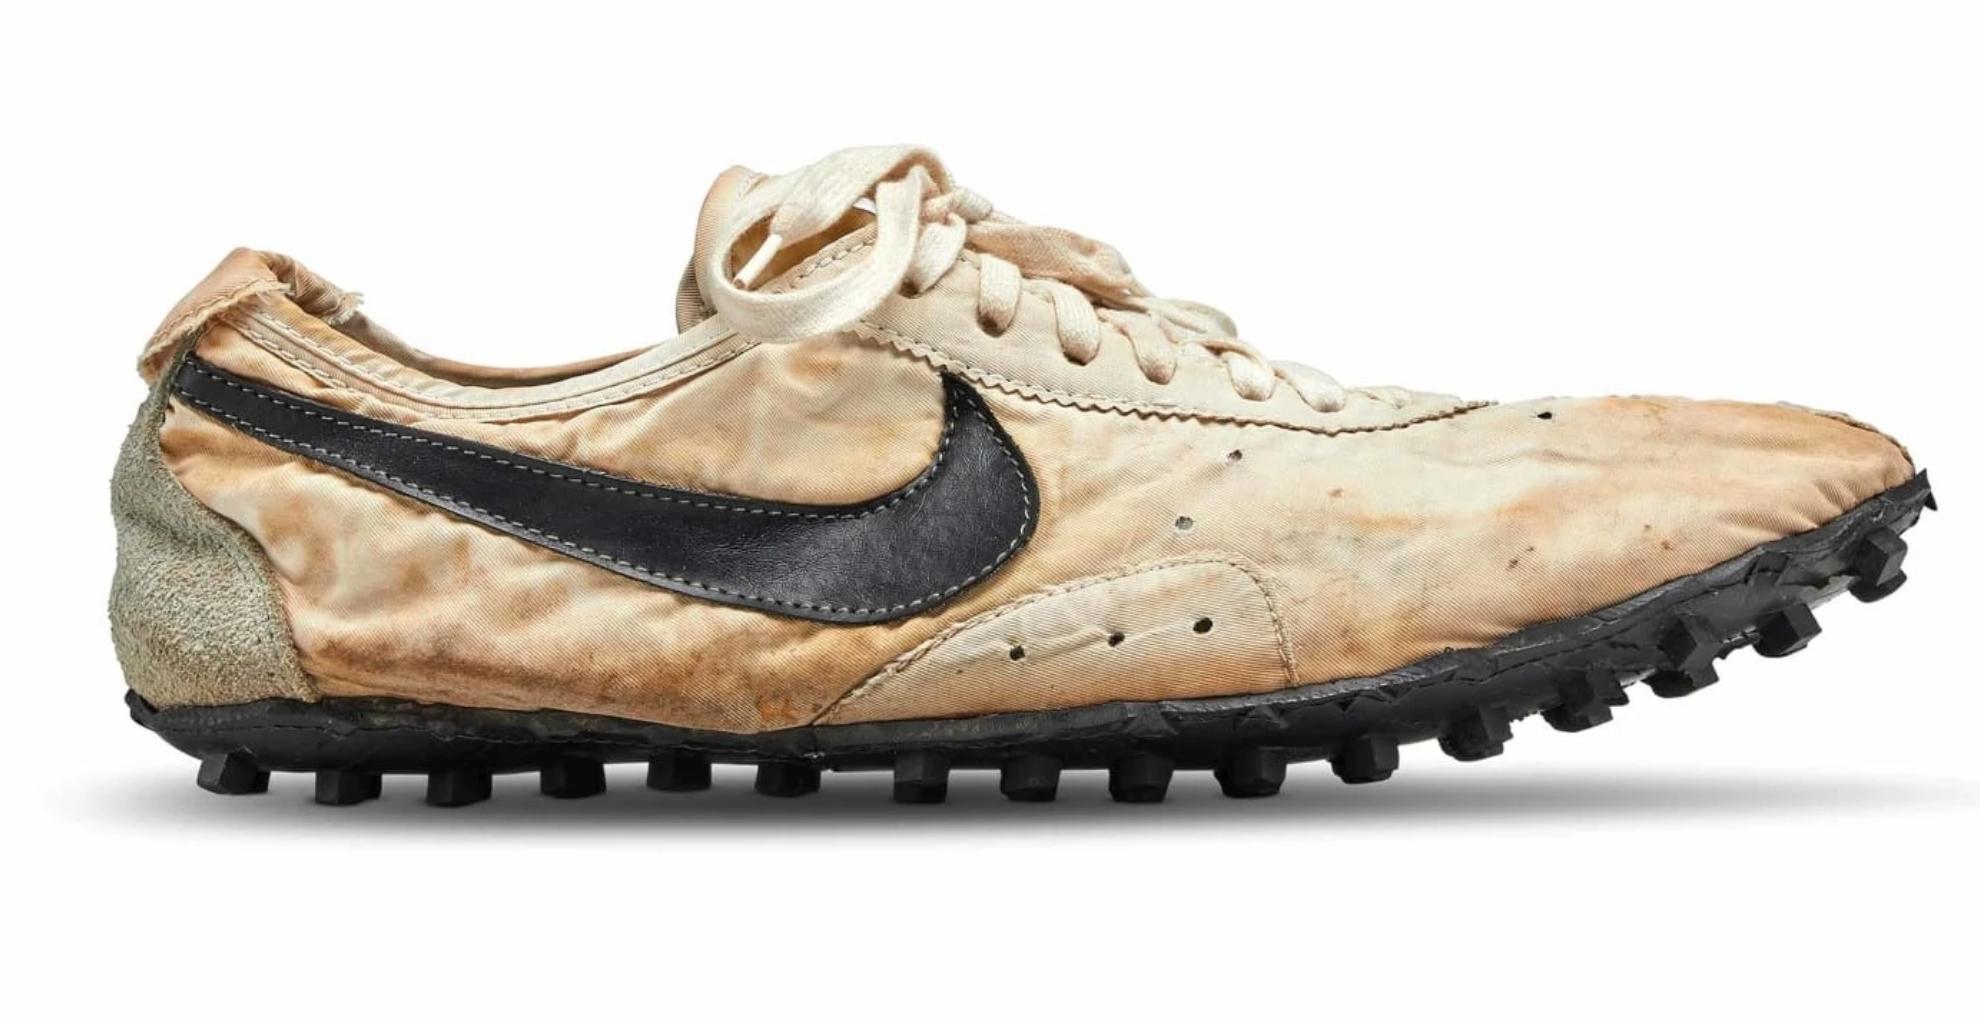 इस जूते की कीमत सुनकर उड़ जाएंगे आपके होश, इतने रुपये में तो आप दिल्ली-मुंबई में खरीद सकते हैं बंगला